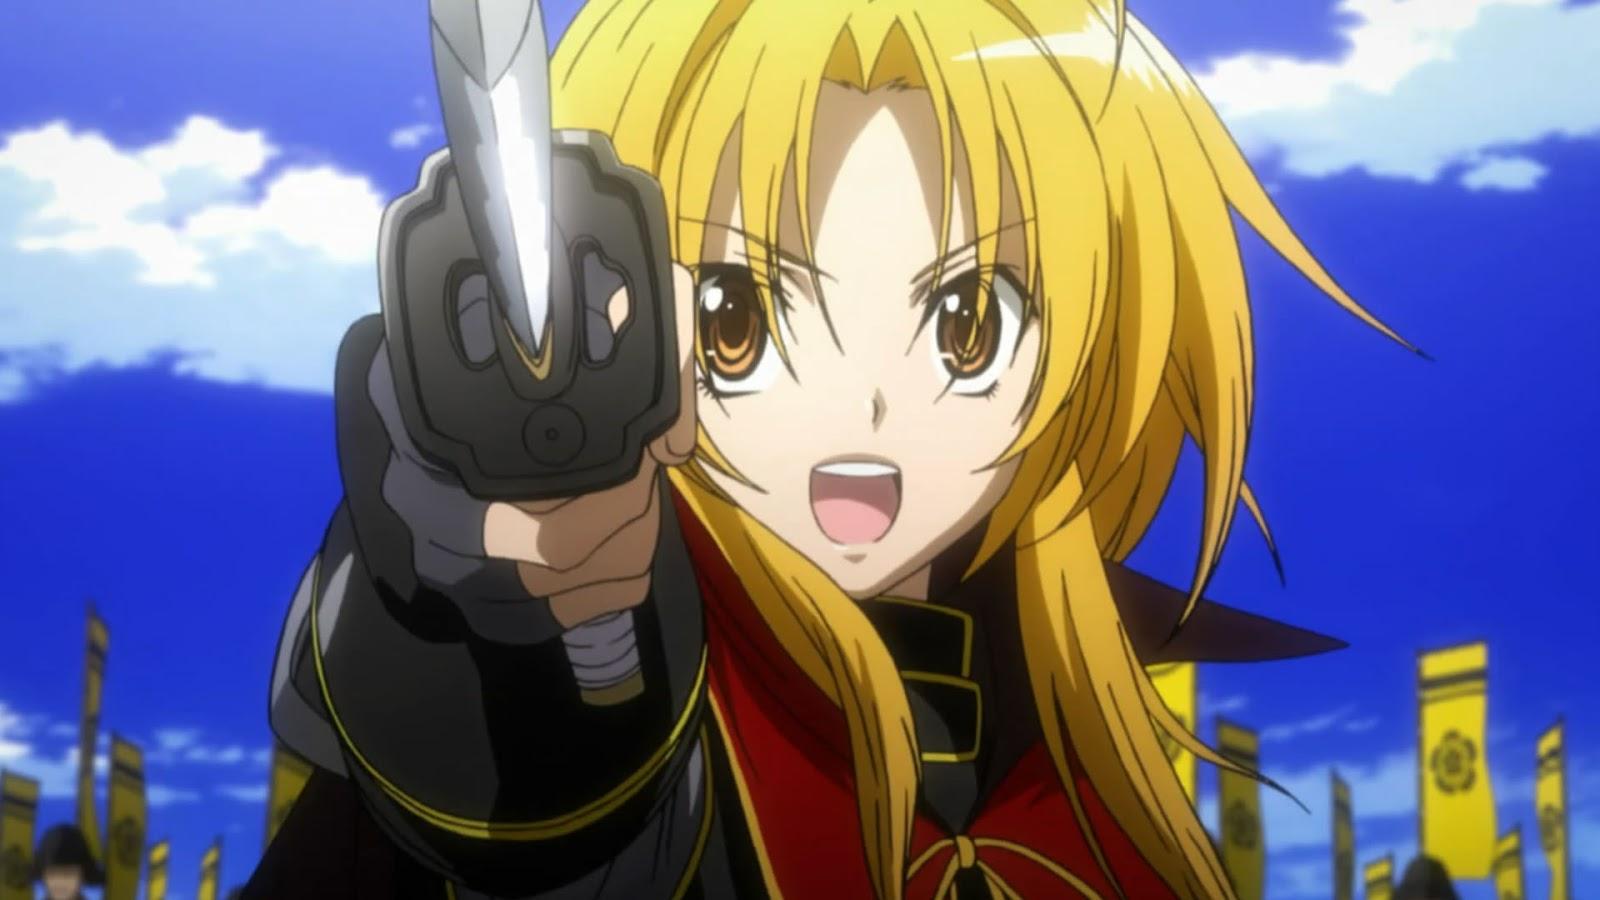 15 Rekomendasi Anime Isekai Paling Popular KelasAnimasi